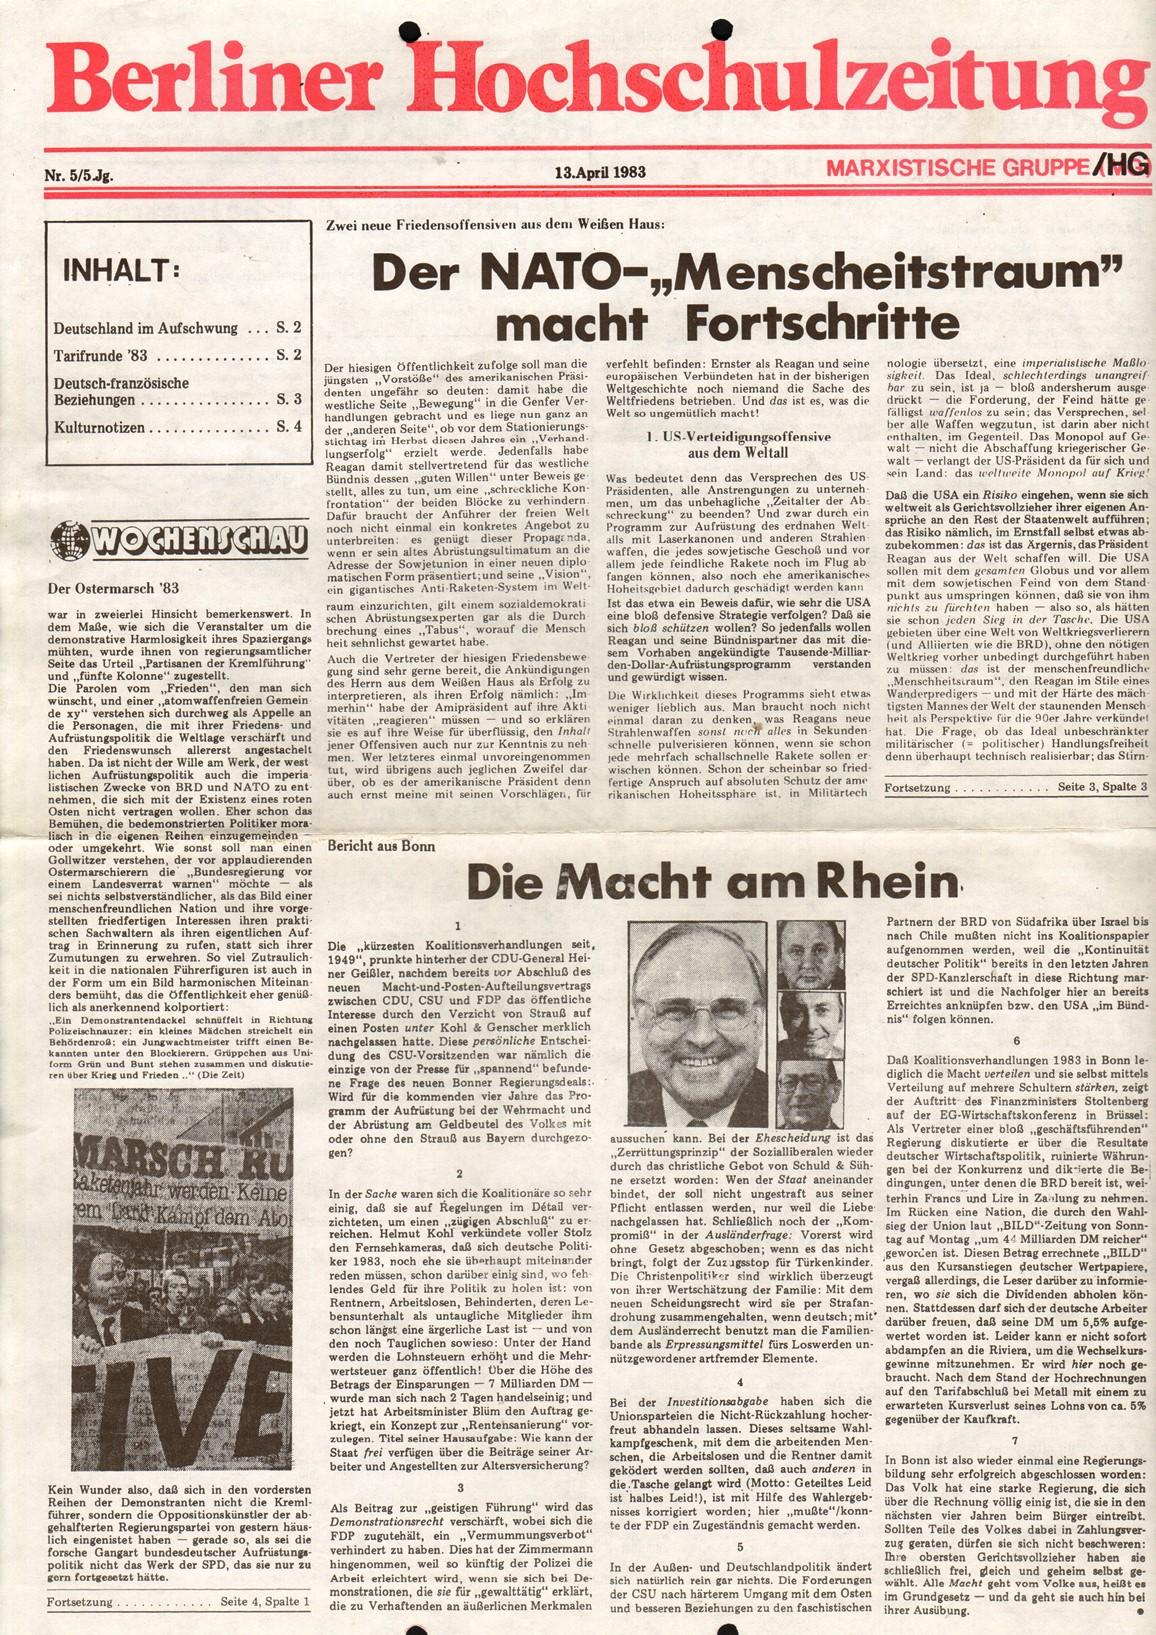 Berlin_MG_Hochschulzeitung_19830413_01